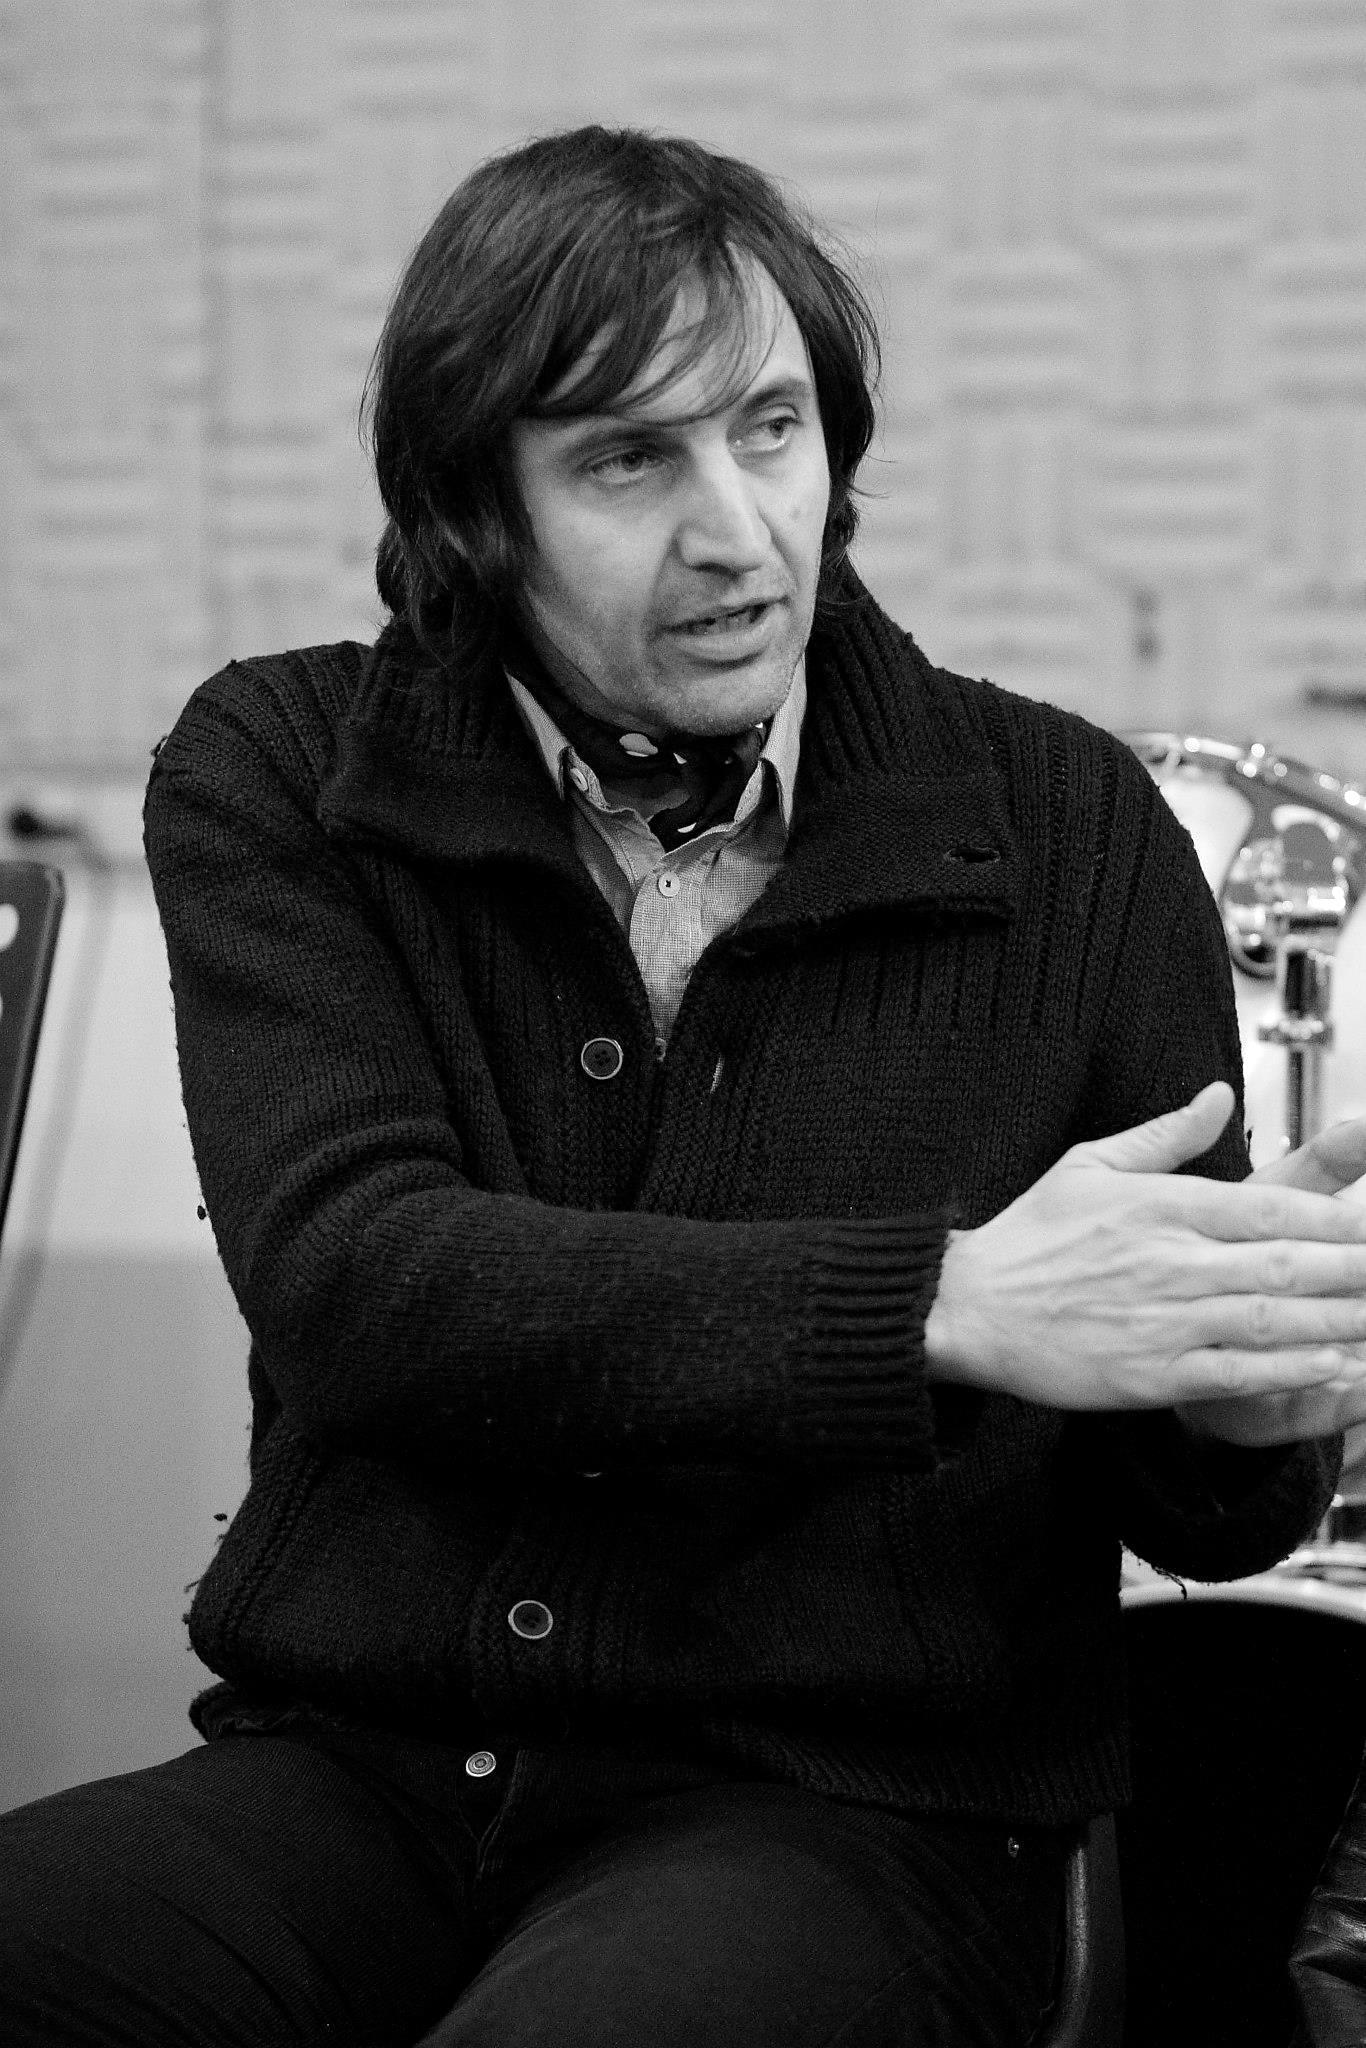 Philippe Jakko